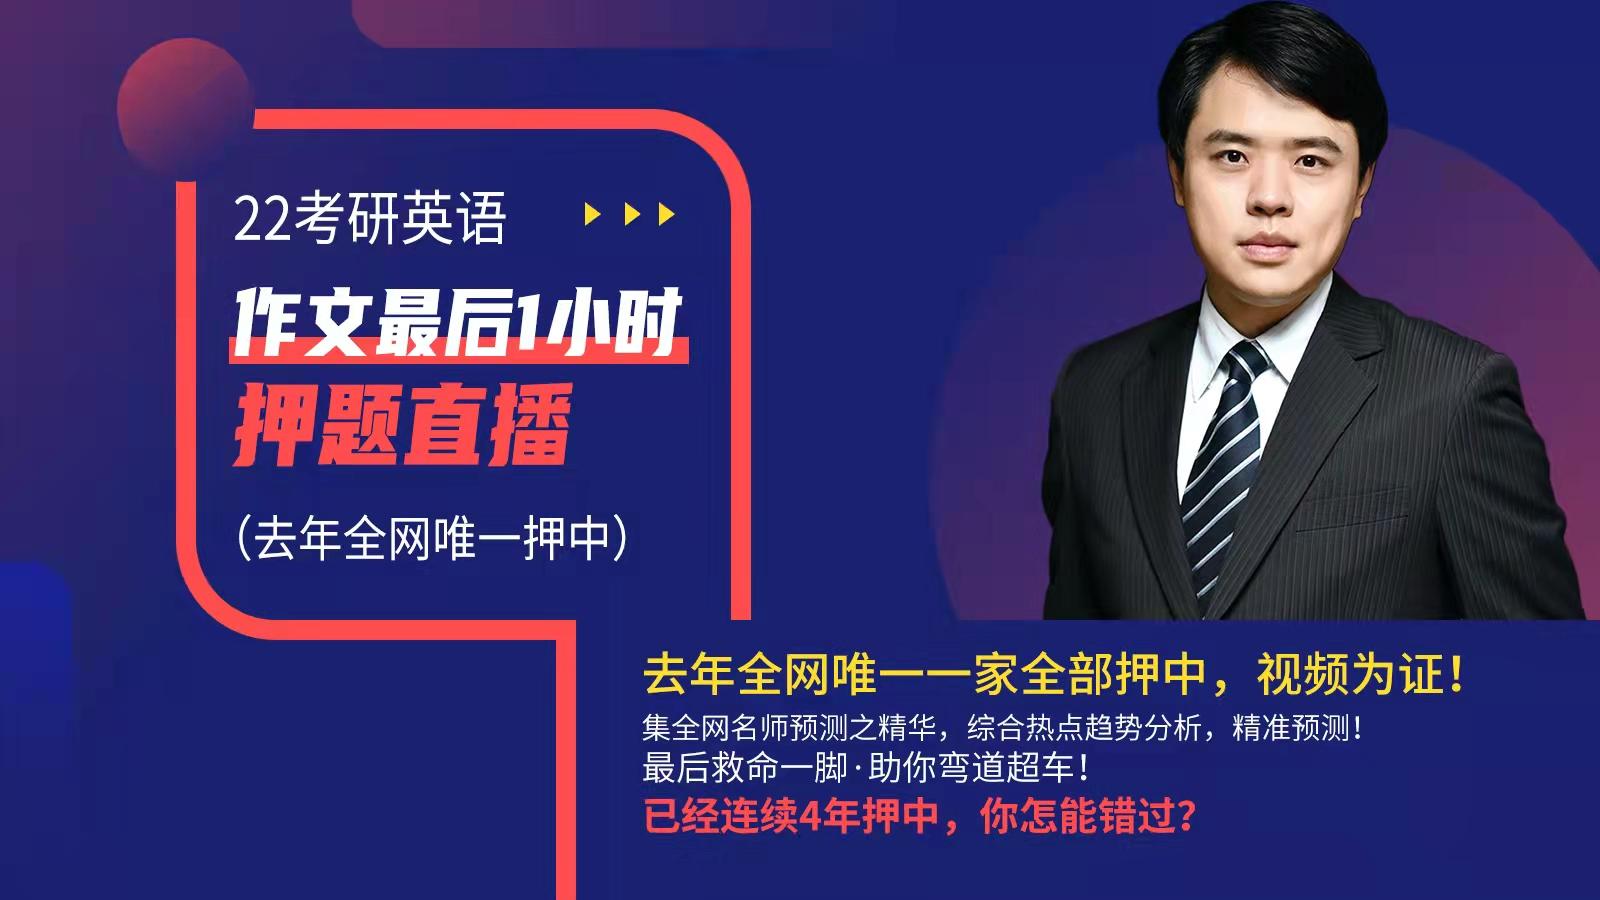 http://www.chaojikaoyan.com/chaojikaoyan/poster/p4.jpg